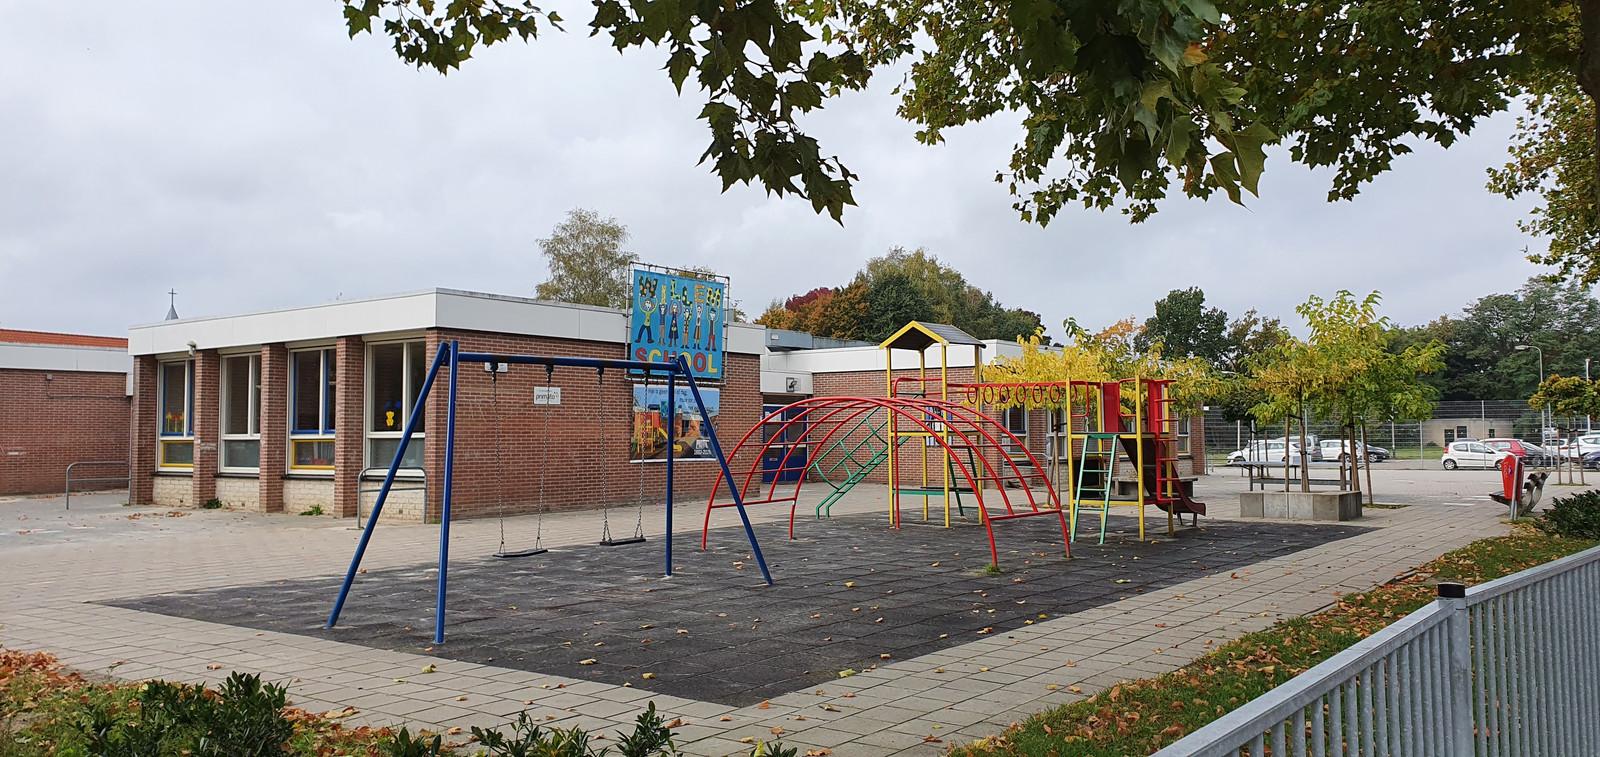 De Willemschool is deze maandag na de herfstvakantie al leeg. De bedoeling was dat de school pas eind dit schooljaar zou sluiten.